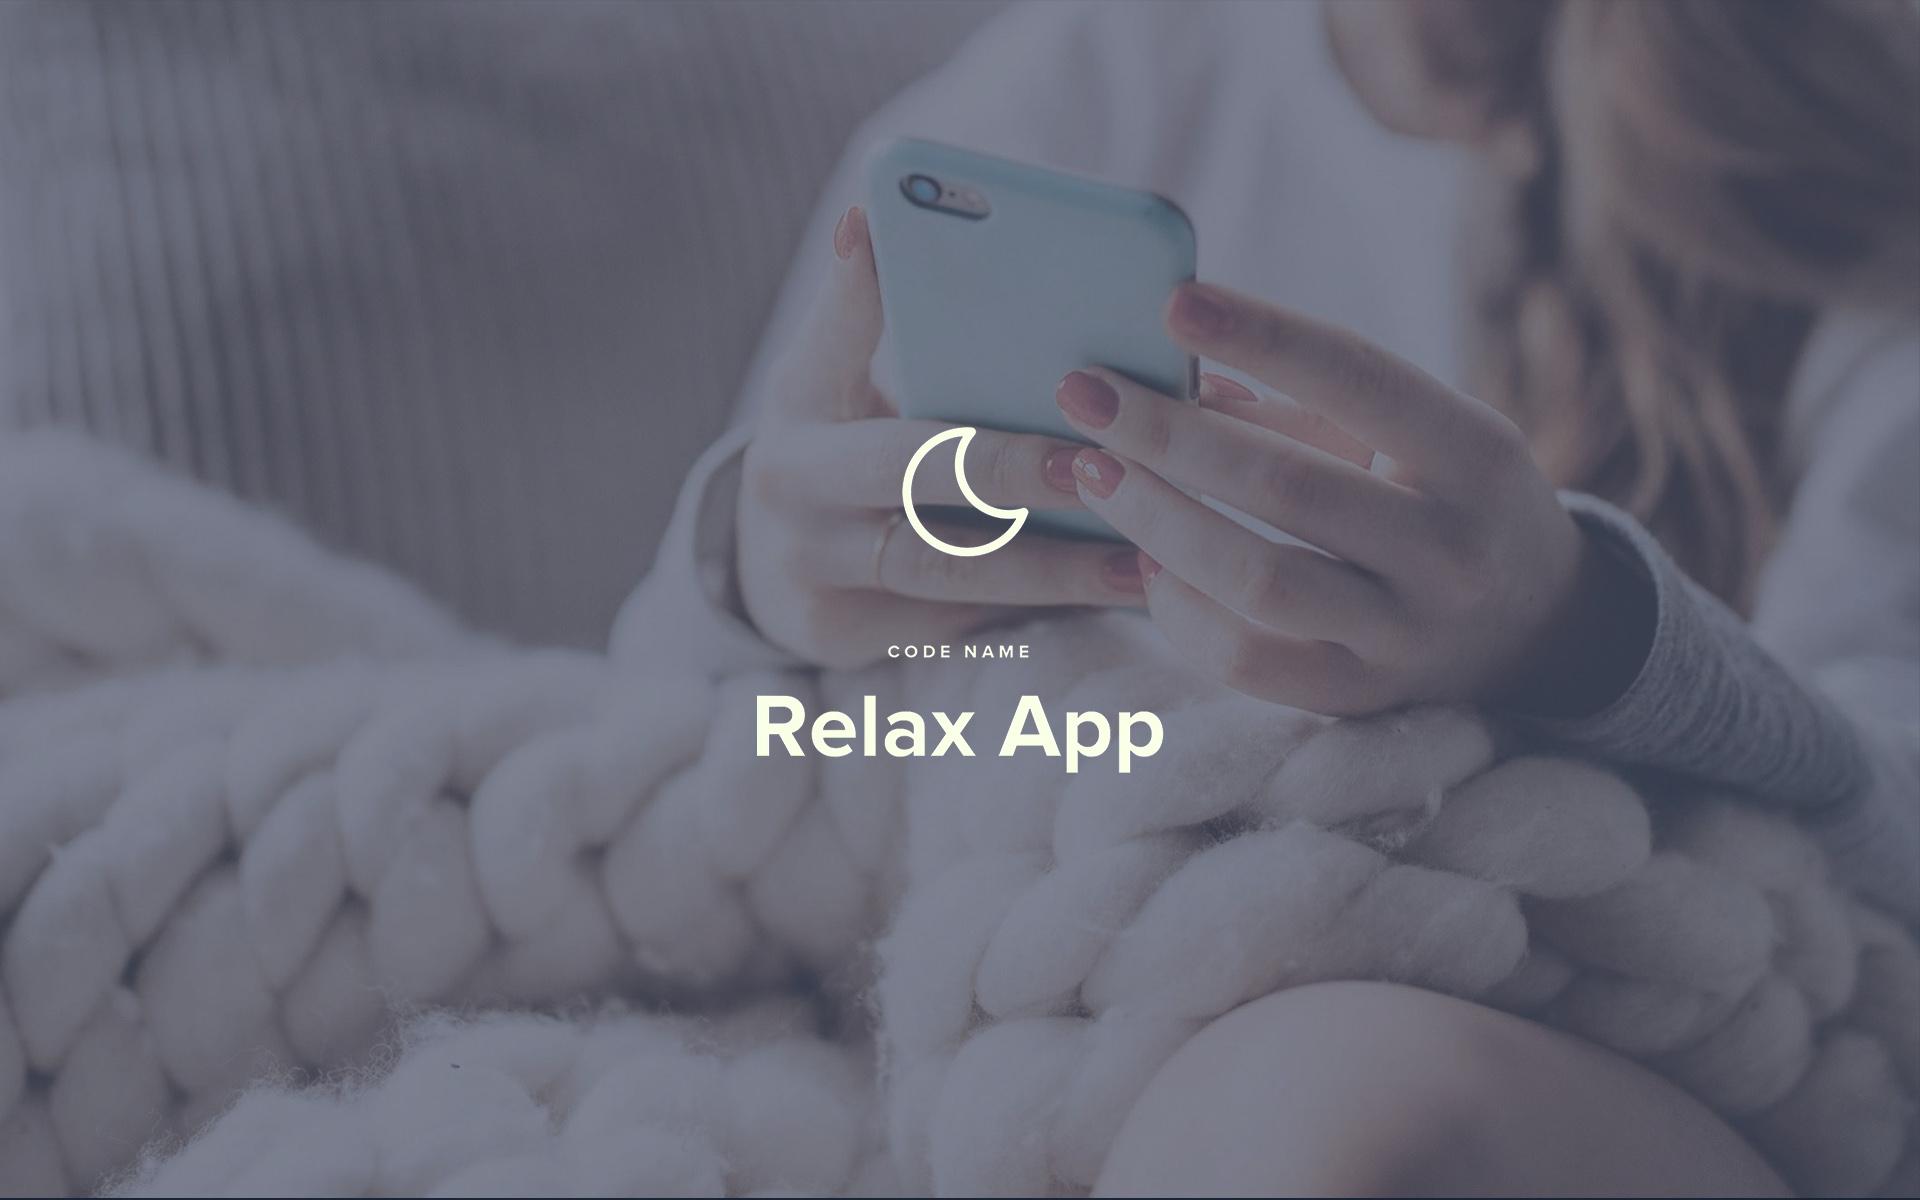 Jamie Langevin Portfolio App Product Design UX UI RelaxApp BG